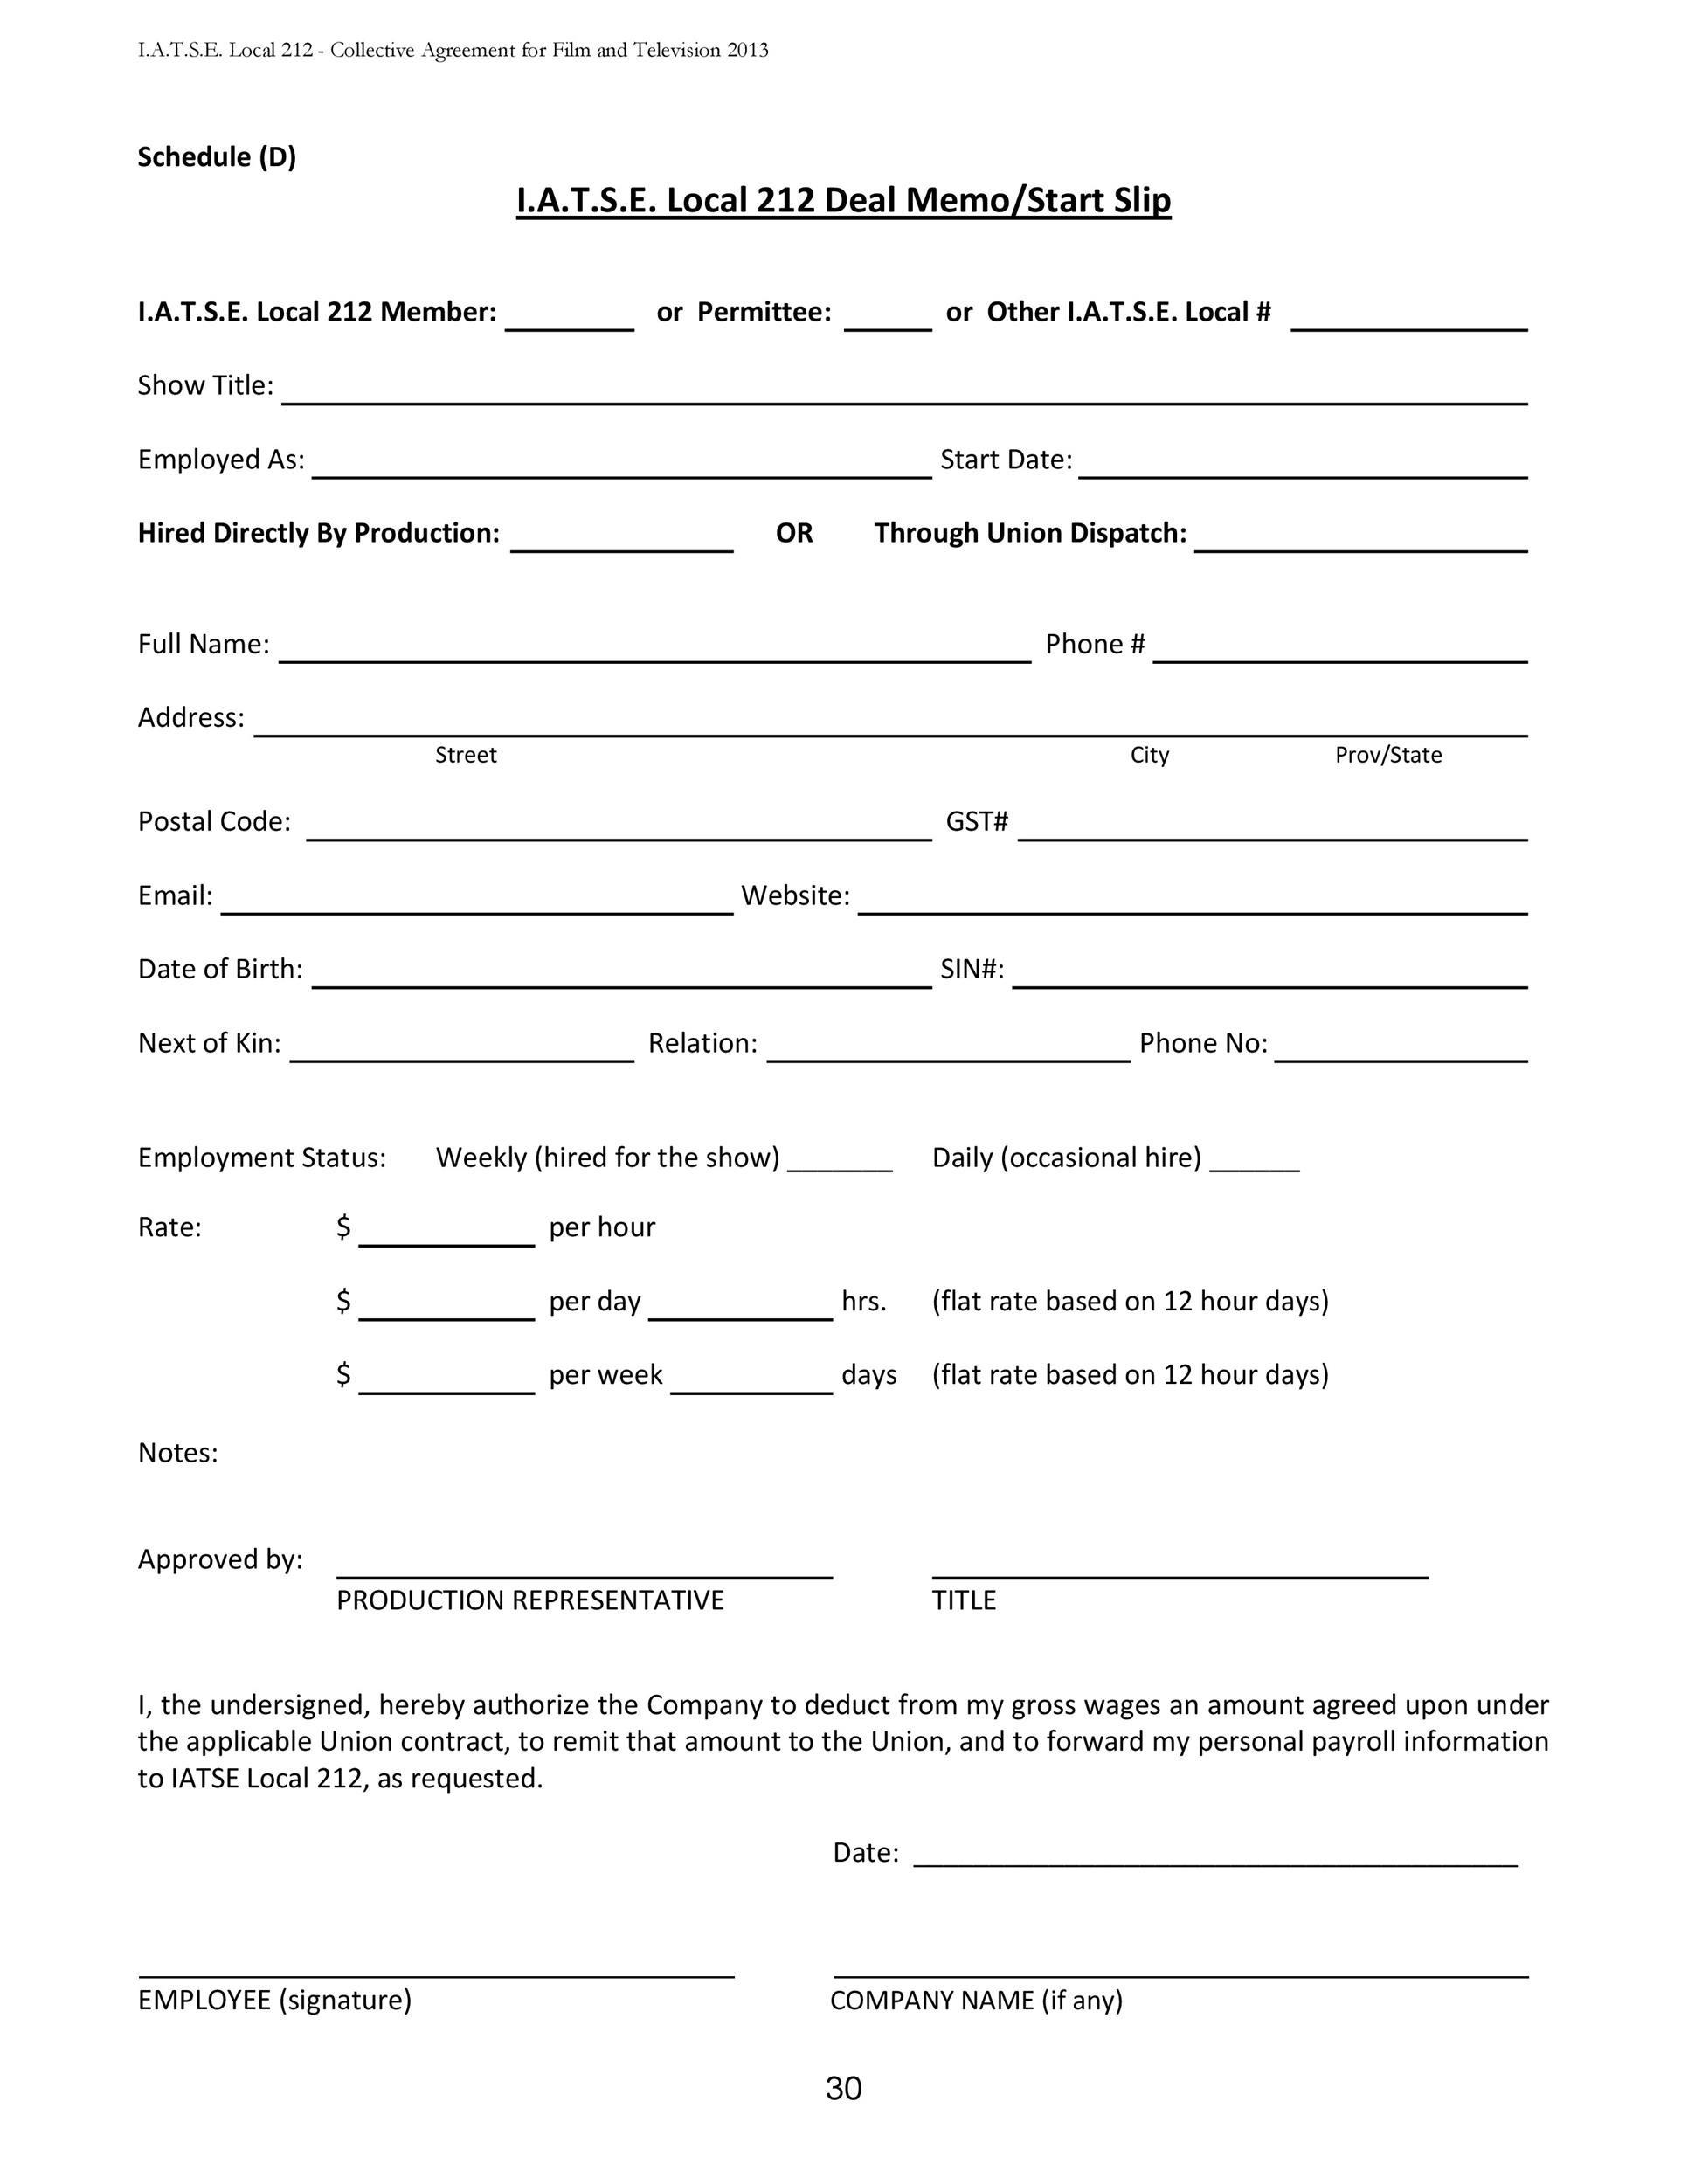 Free deal memo template 17